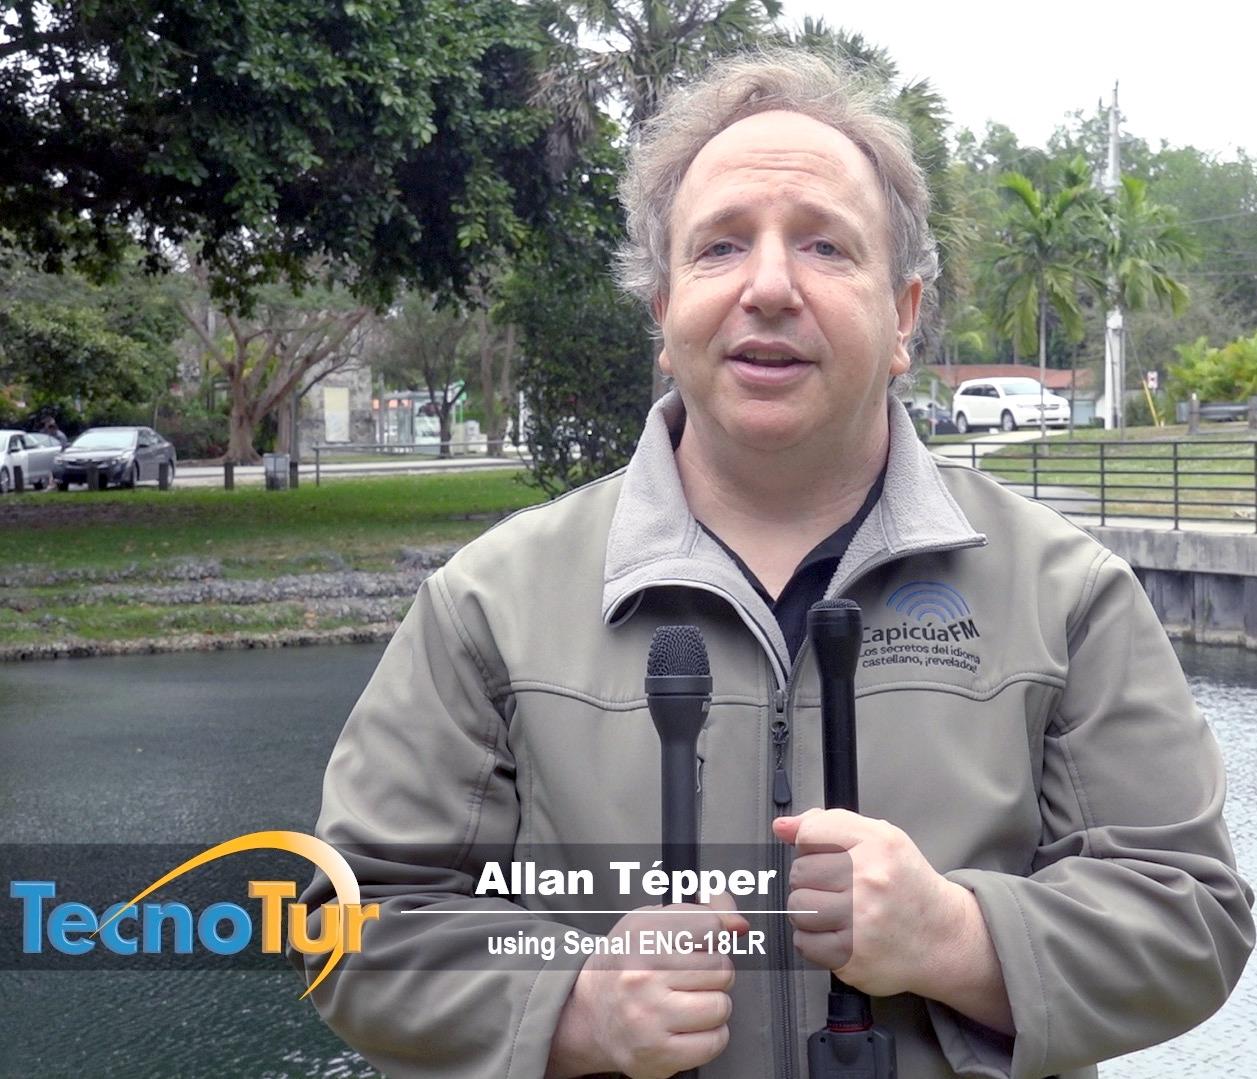 Allan Tepper